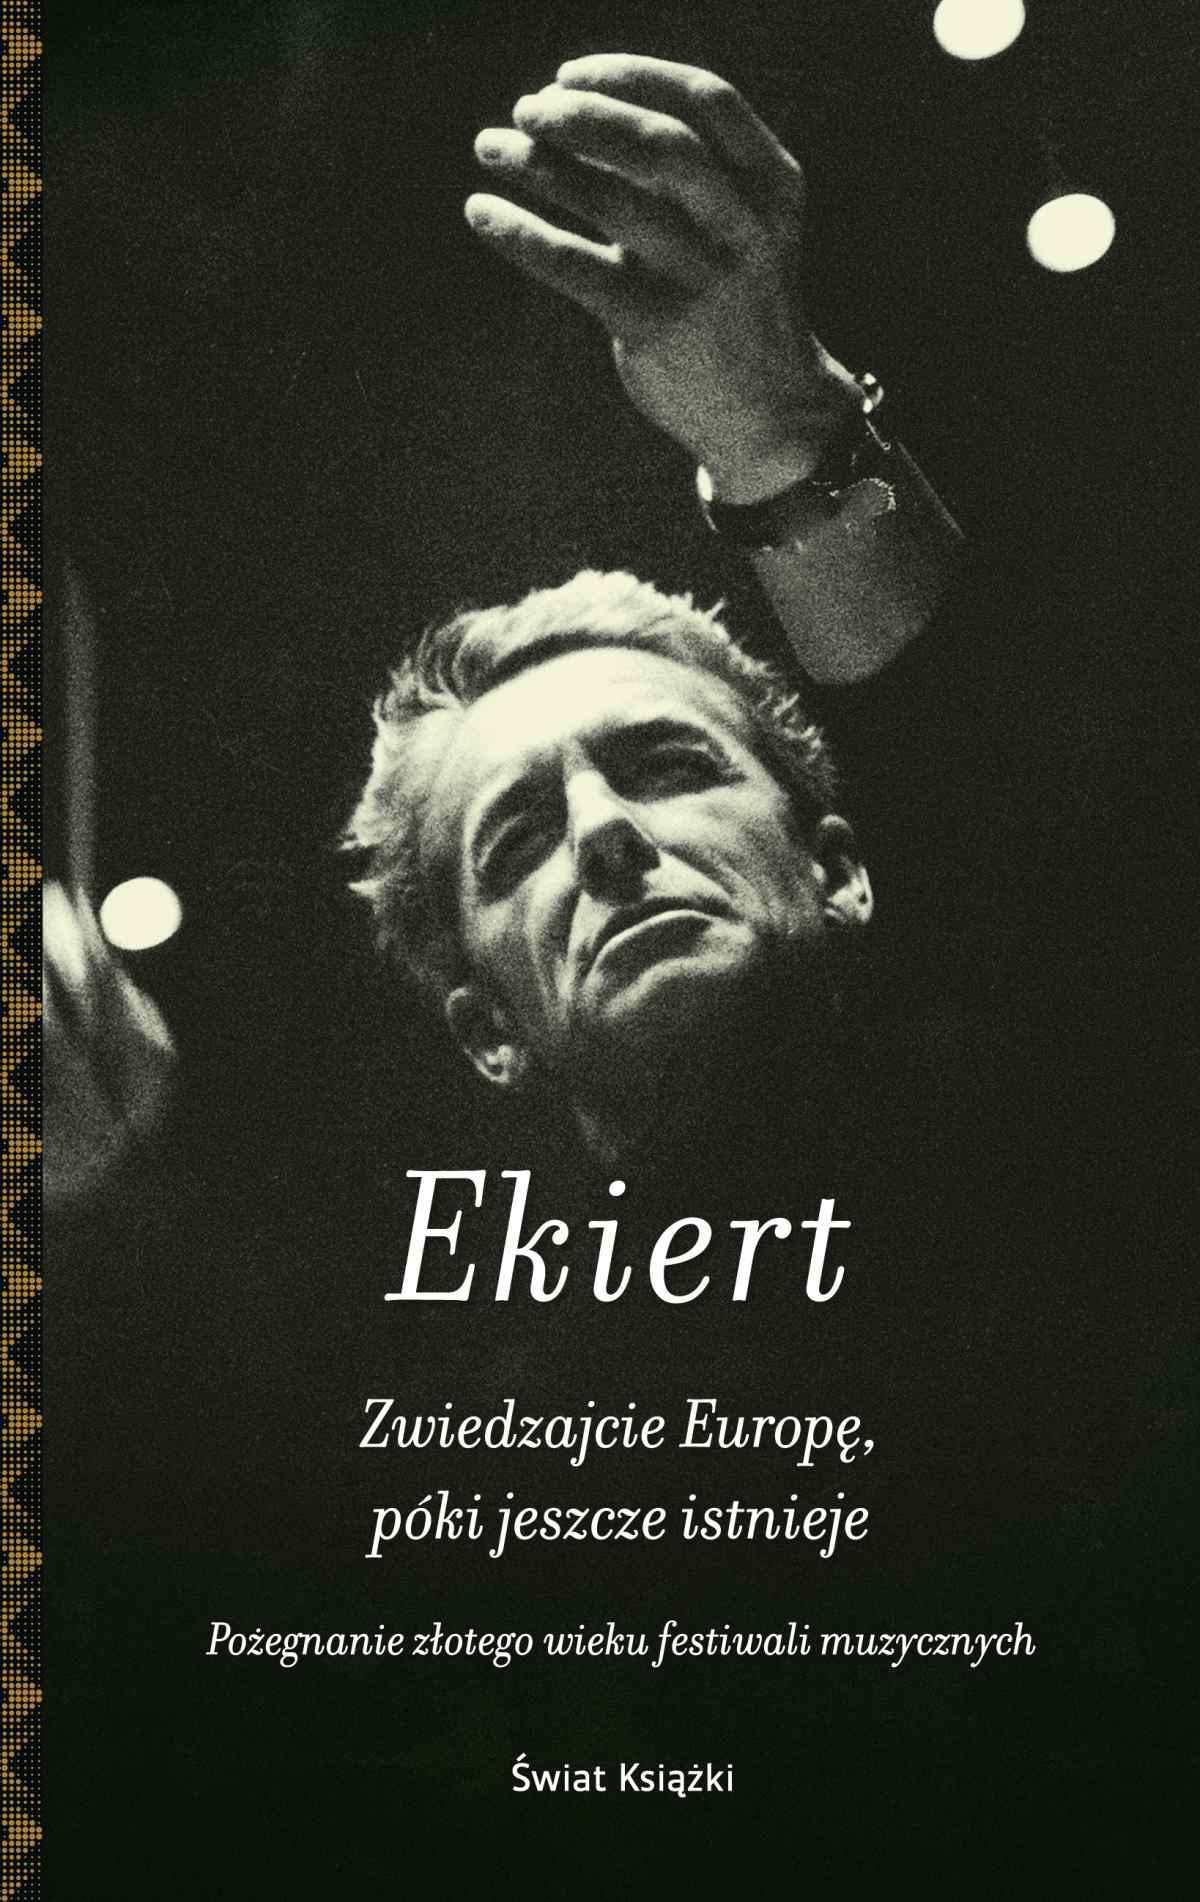 Zwiedzajcie Europę póki jeszcze istnieje - Ebook (Książka EPUB) do pobrania w formacie EPUB